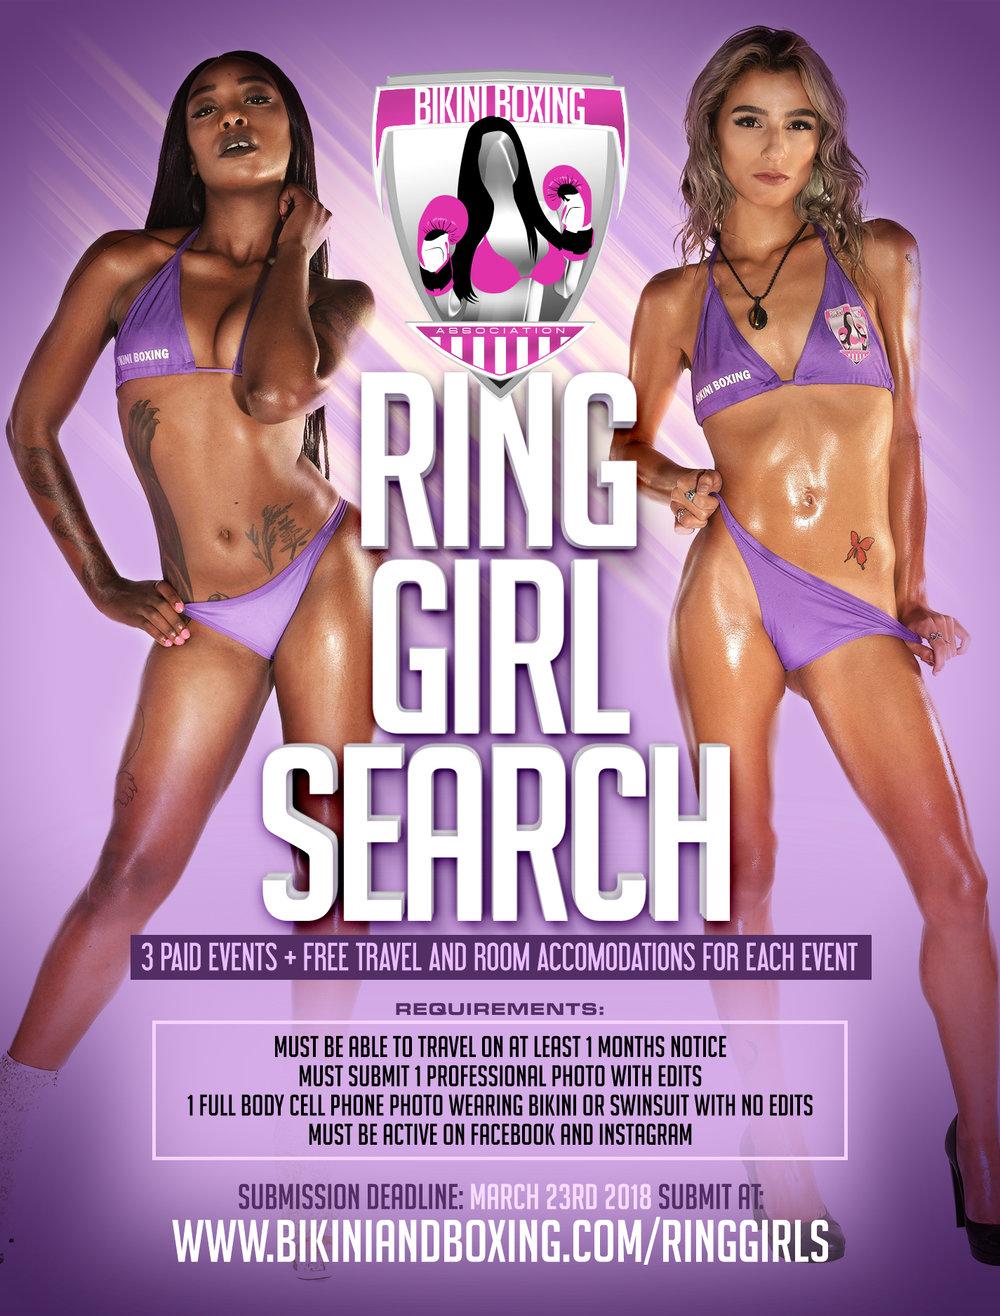 flyer_bikiniboxingsearch-1.jpg